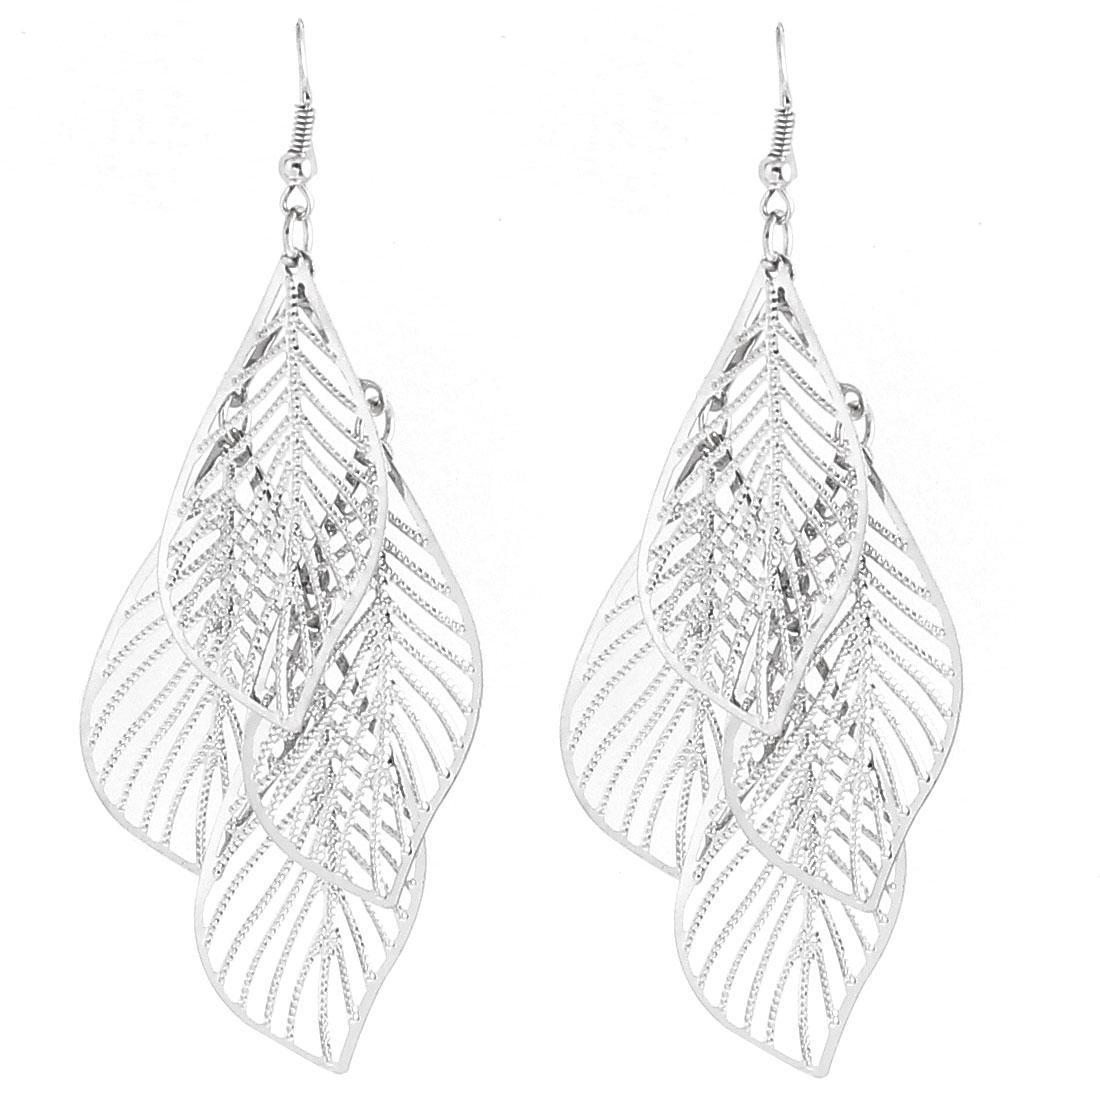 Lady Hollow Leaf Shape Dangle Chandelier Fish Hook Earrings Silver Tone Pair